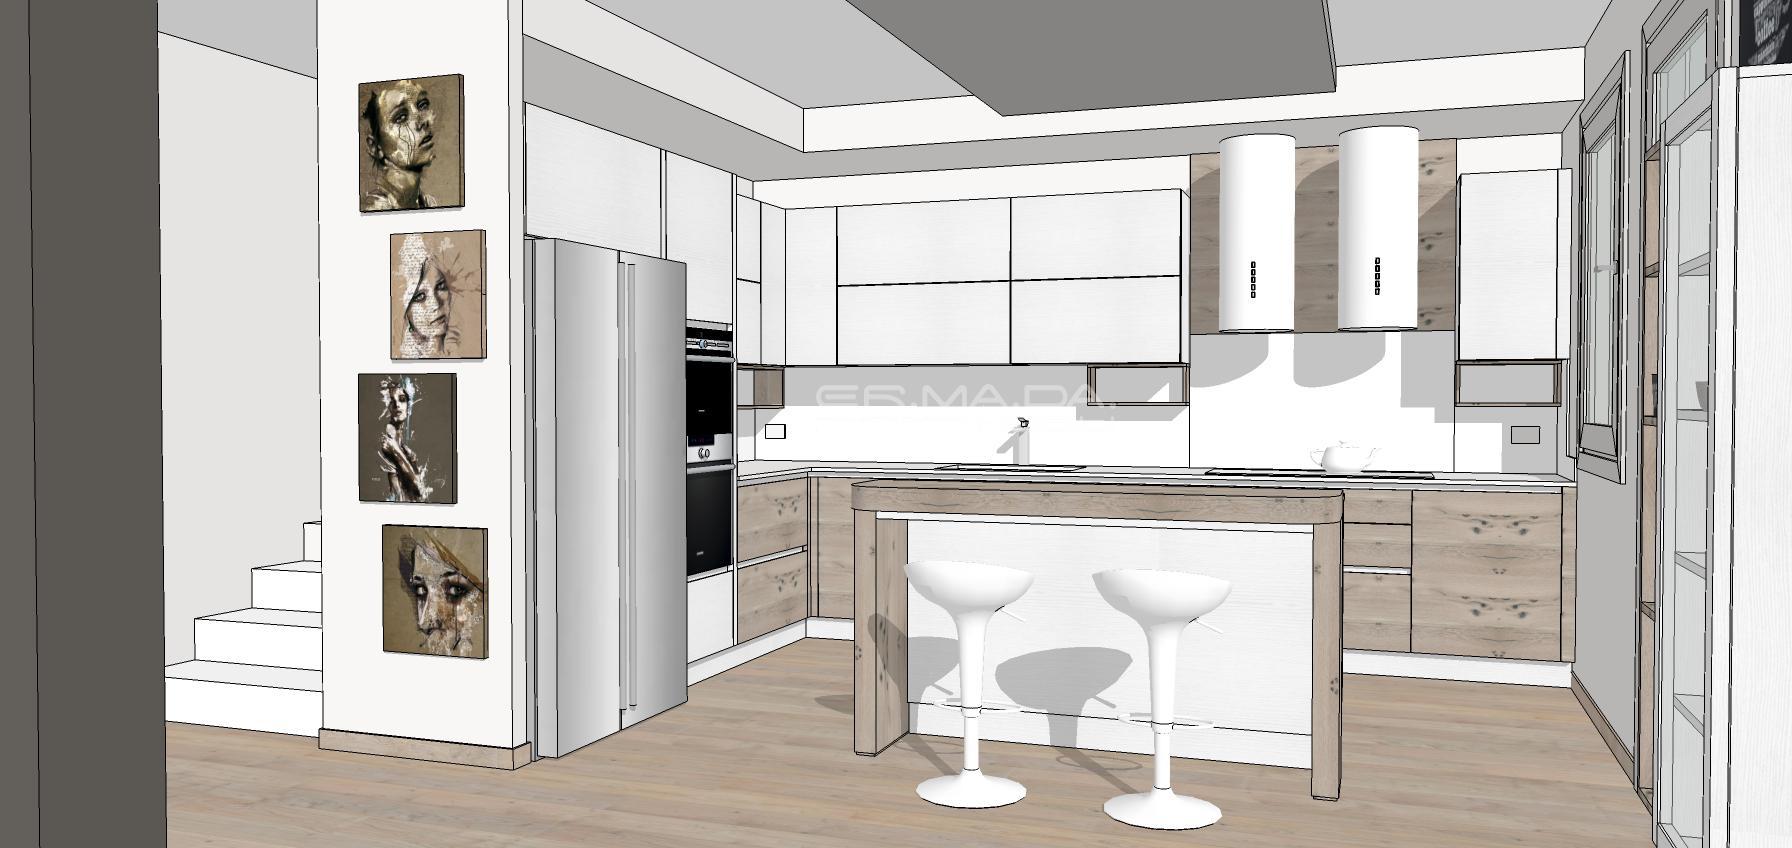 cucina 16 er ma da mobilificio progetta e